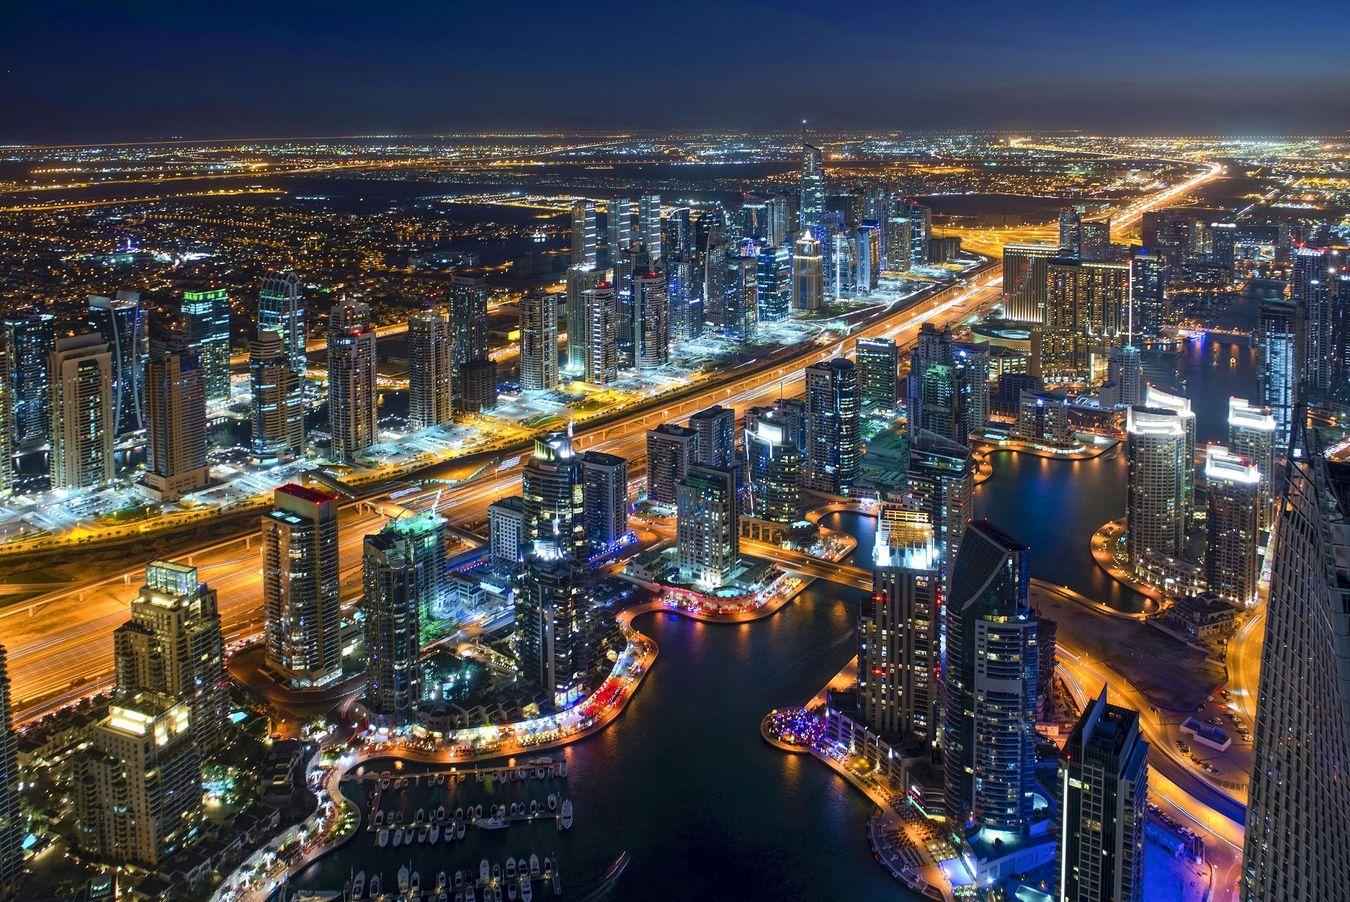 dubai city night aerial view